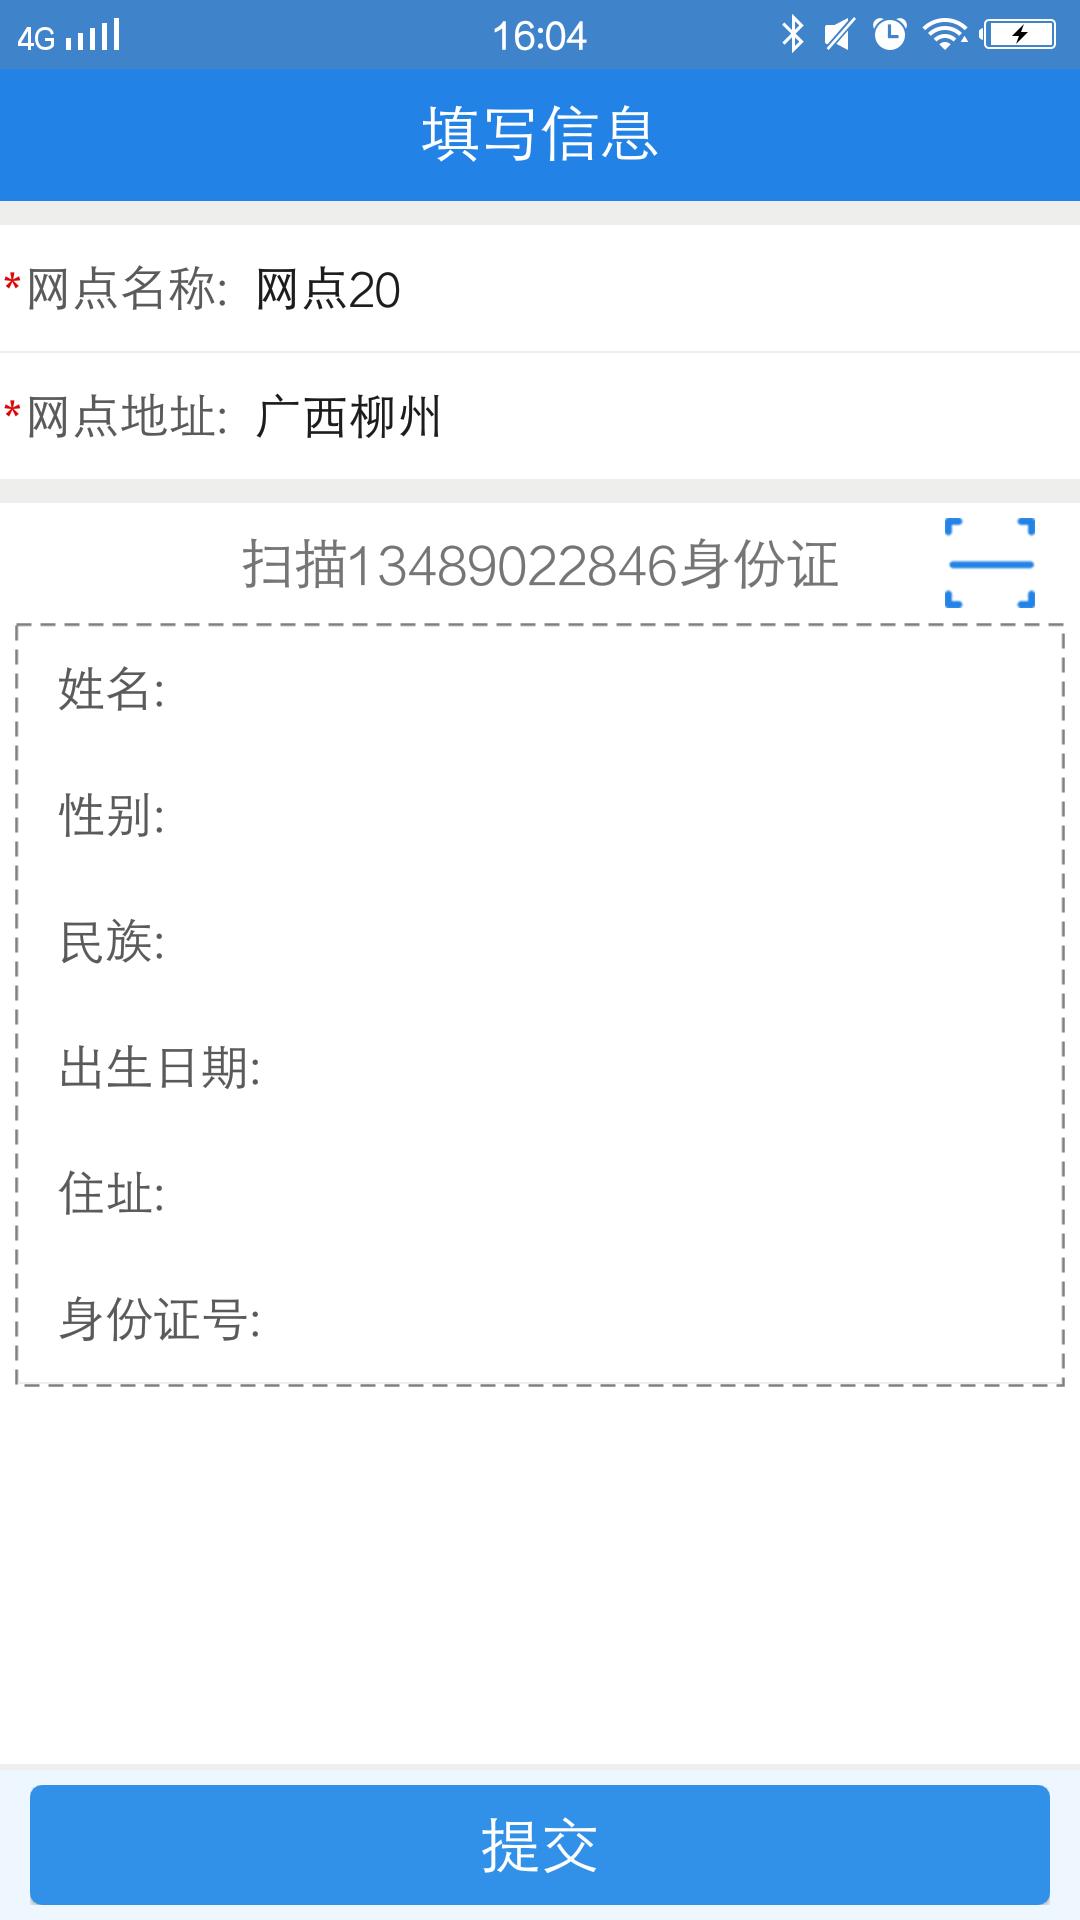 寄递实名采集 v1.5.3 安卓版界面图1